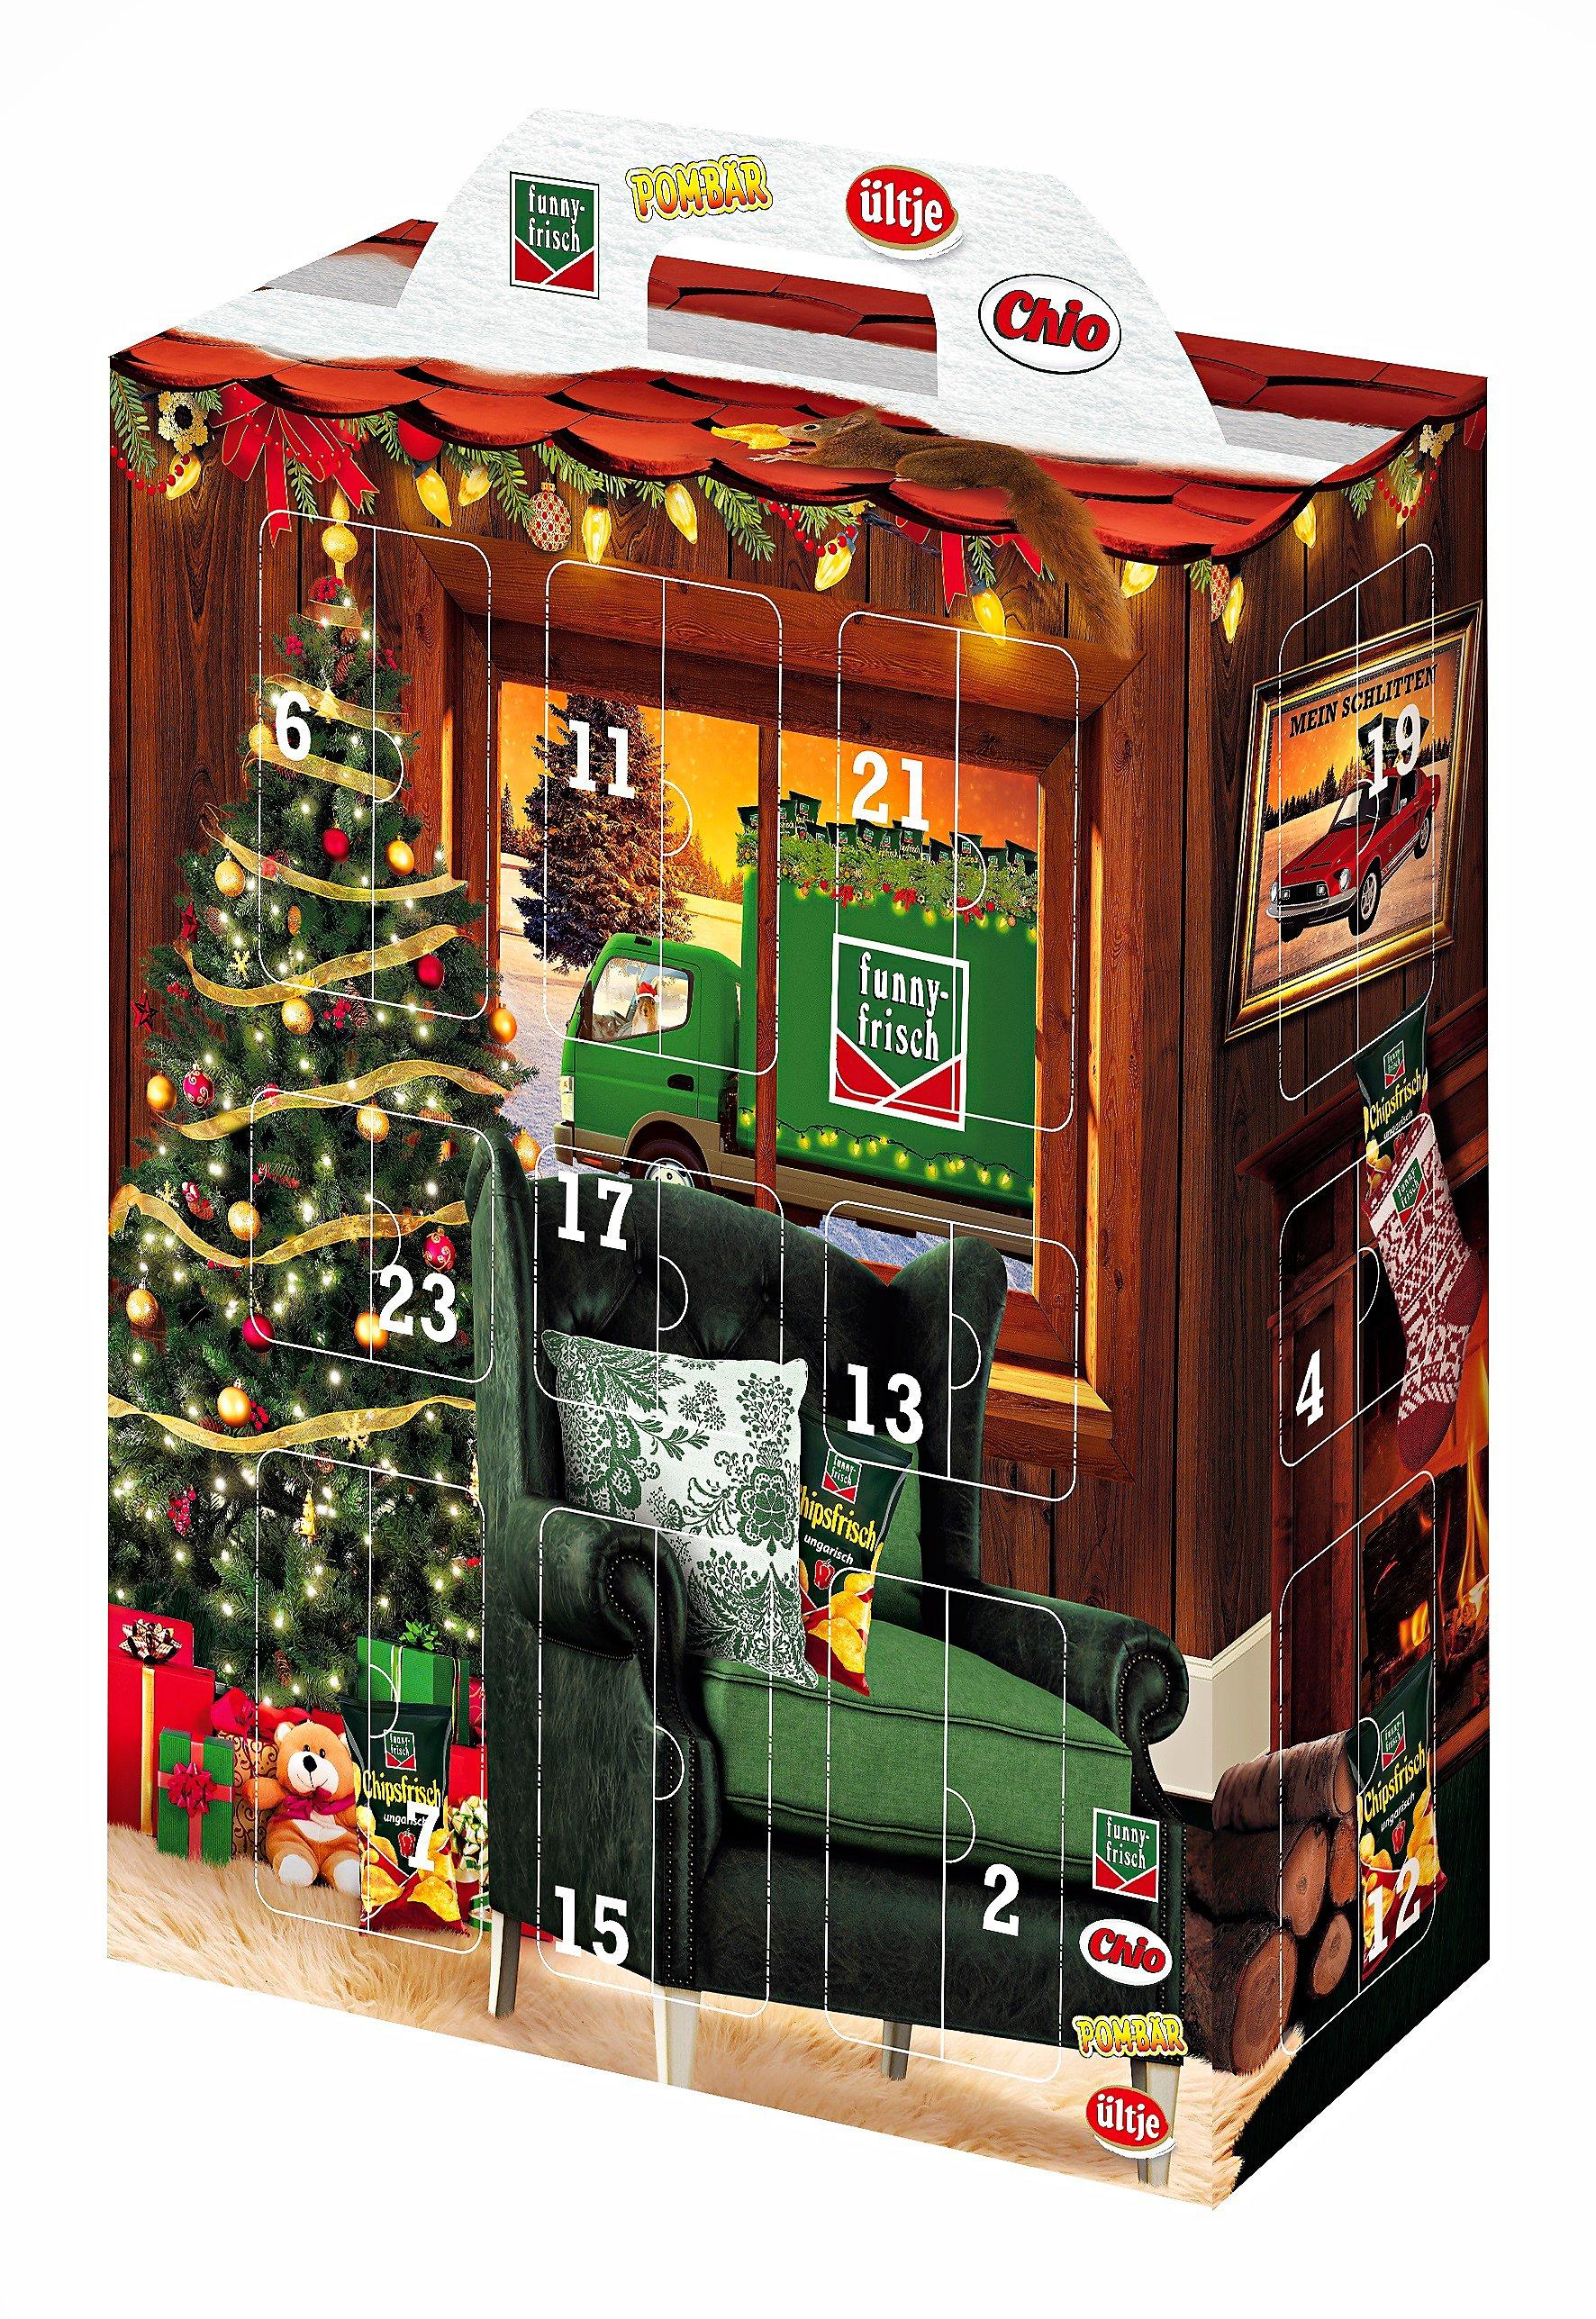 Snack-Adventskalender Funny-Frisch & Chio & Ültje - Kalender bestellen